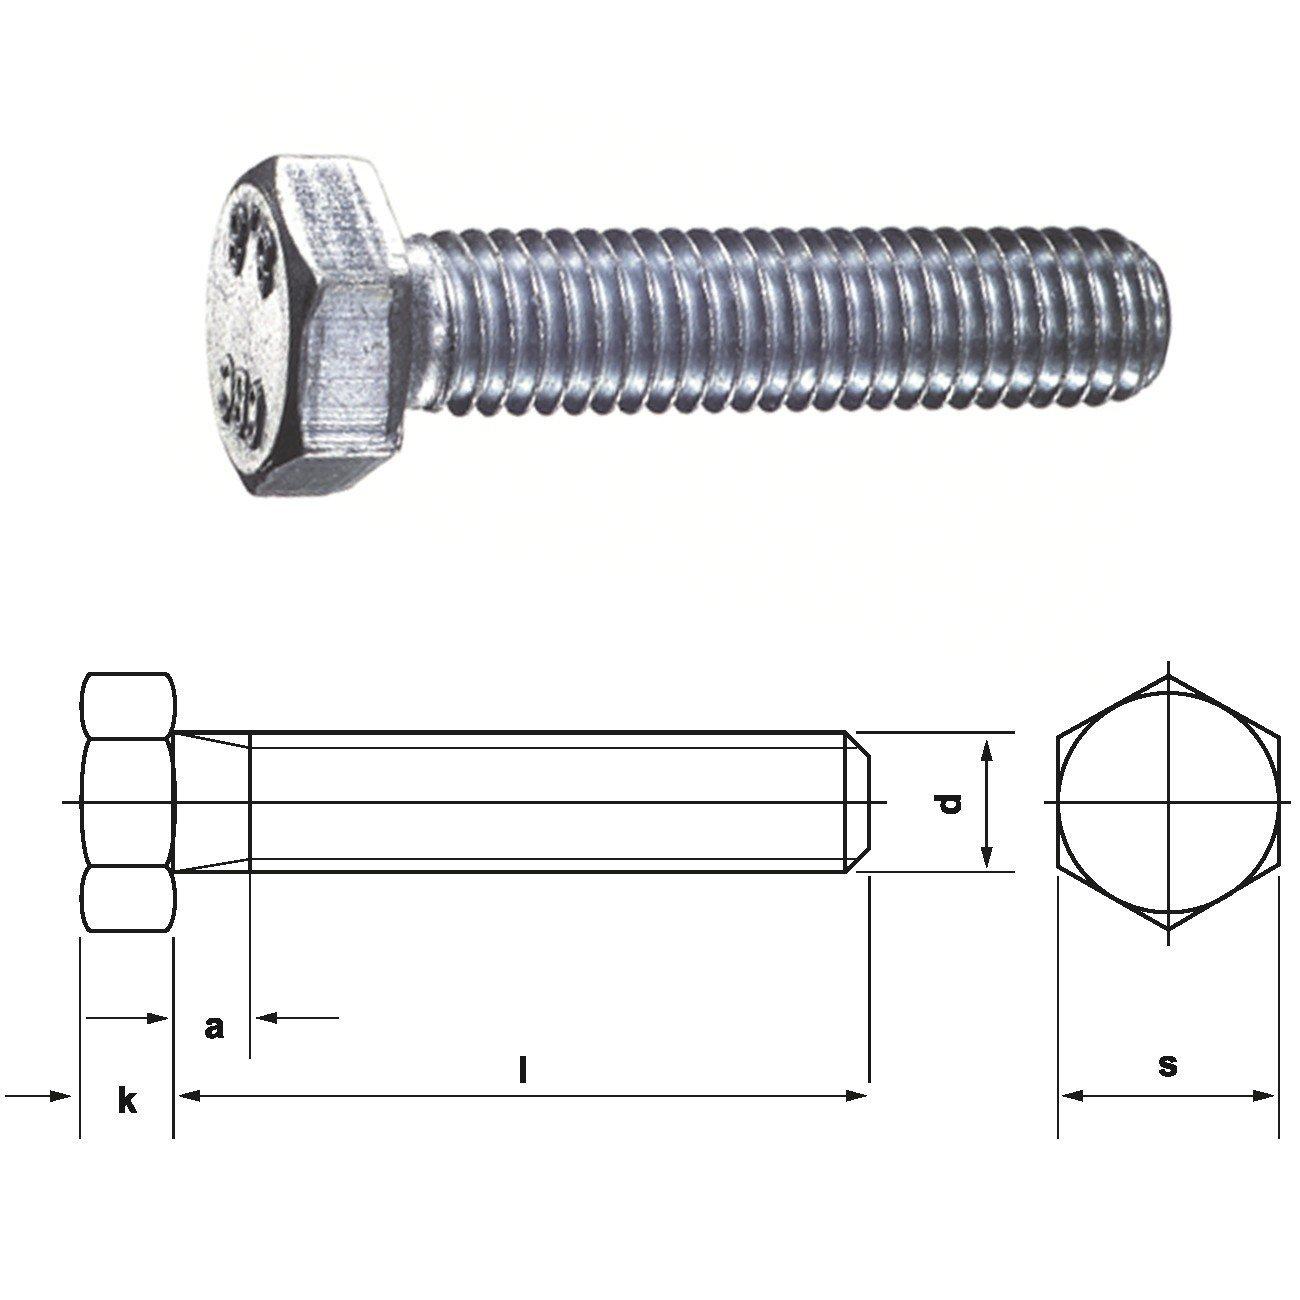 Sechskantschrauben 8.8 mit Gewinde bis Kopf DIN 933 galv M 12 x 16-100 St/ück verzinkt DIN 933